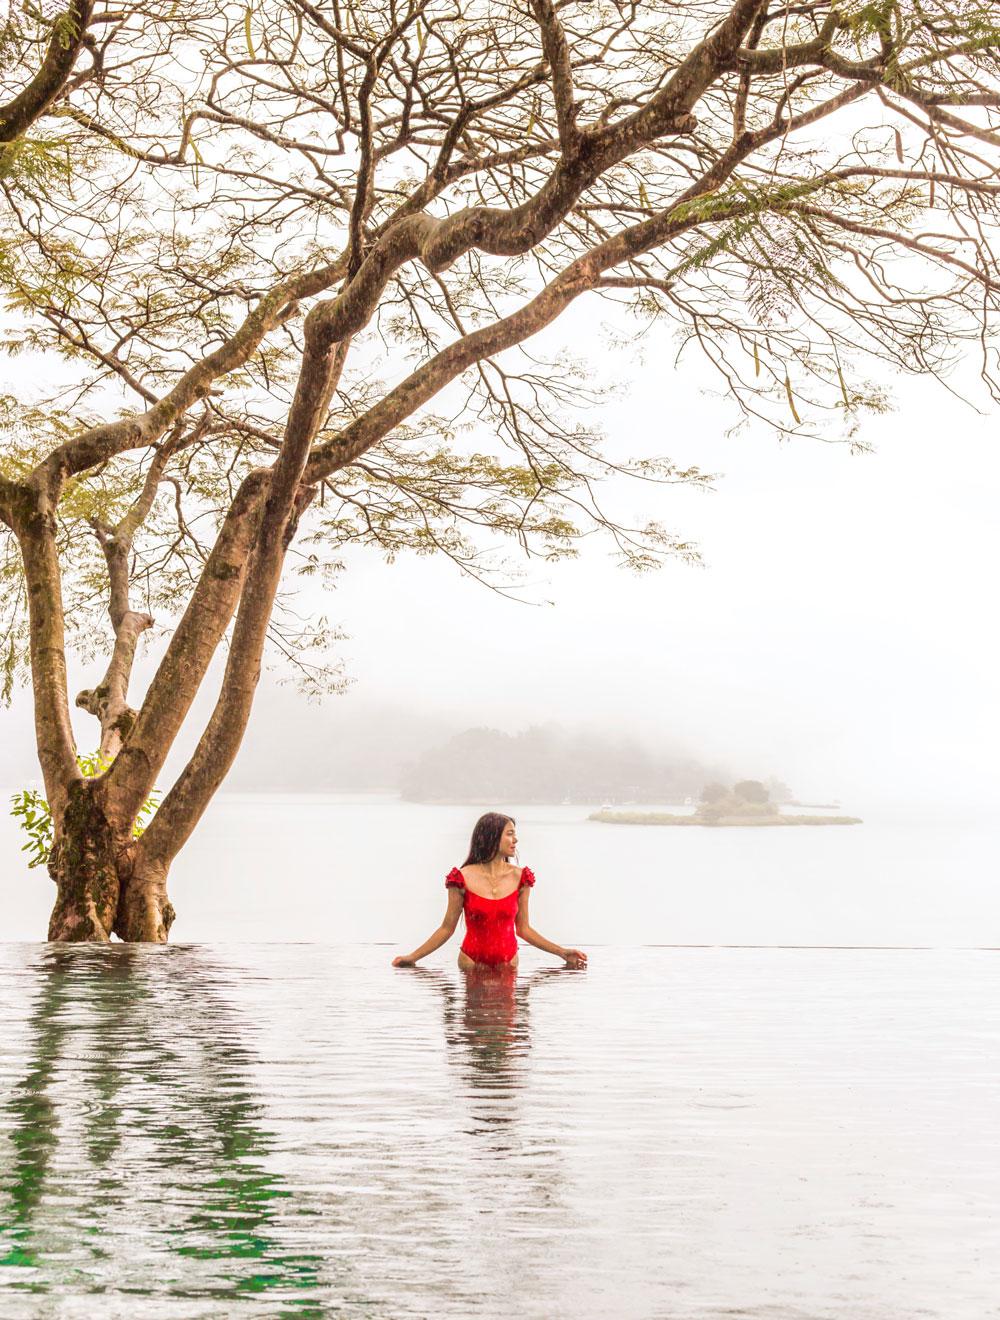 Marcy Yu in Infinity Pool at The Lalu Hotel in Sun Moon Lake Taiwan